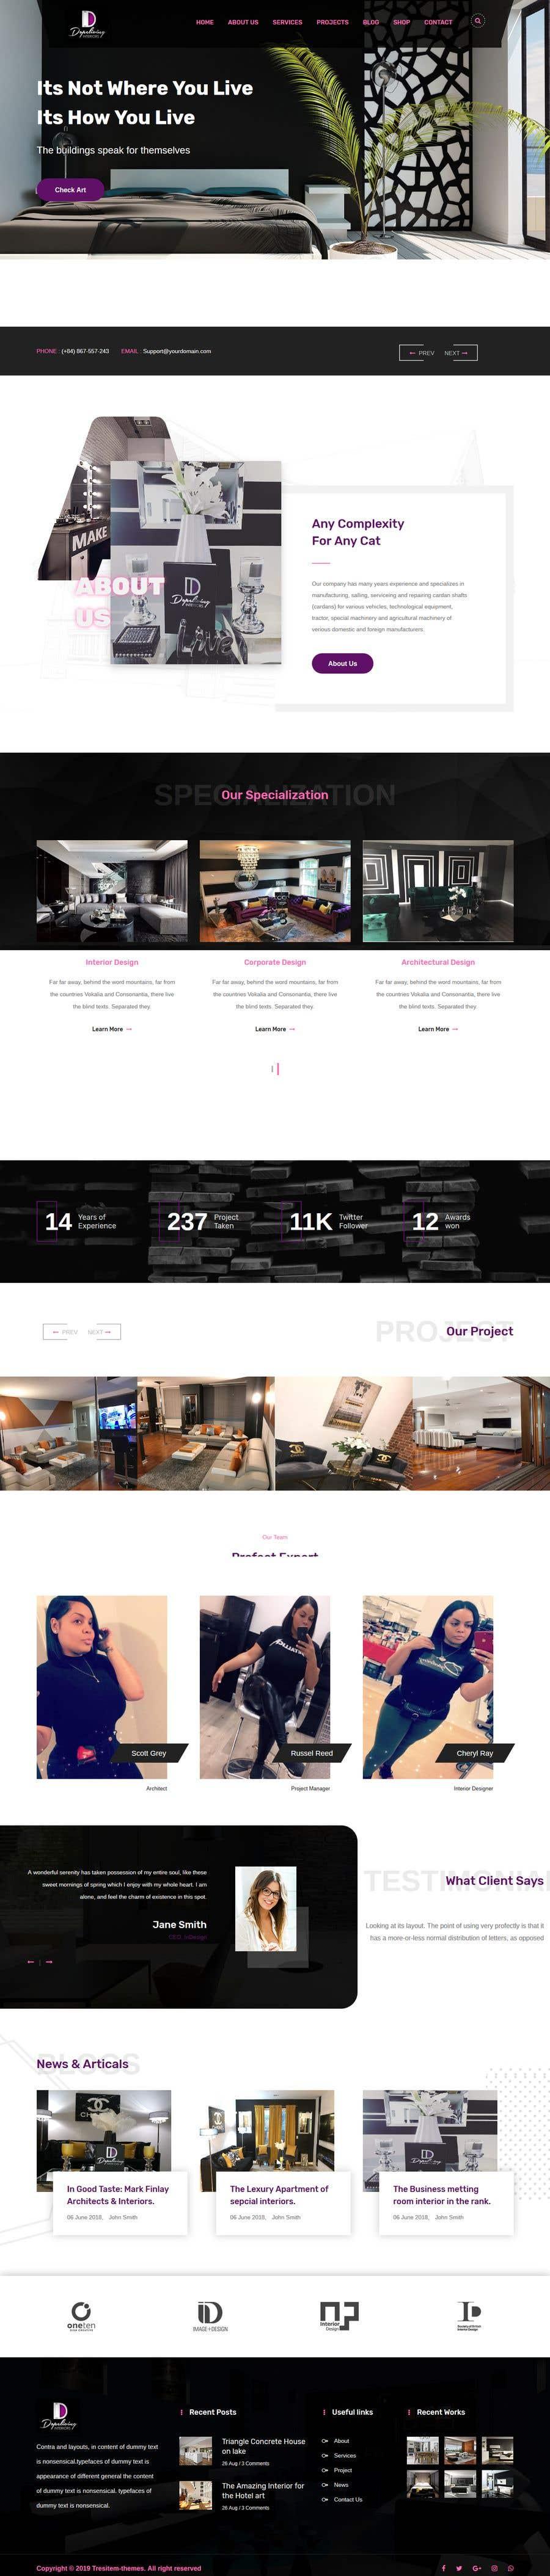 Penyertaan Peraduan #16 untuk Build Me A Website Template For An Interior Designer